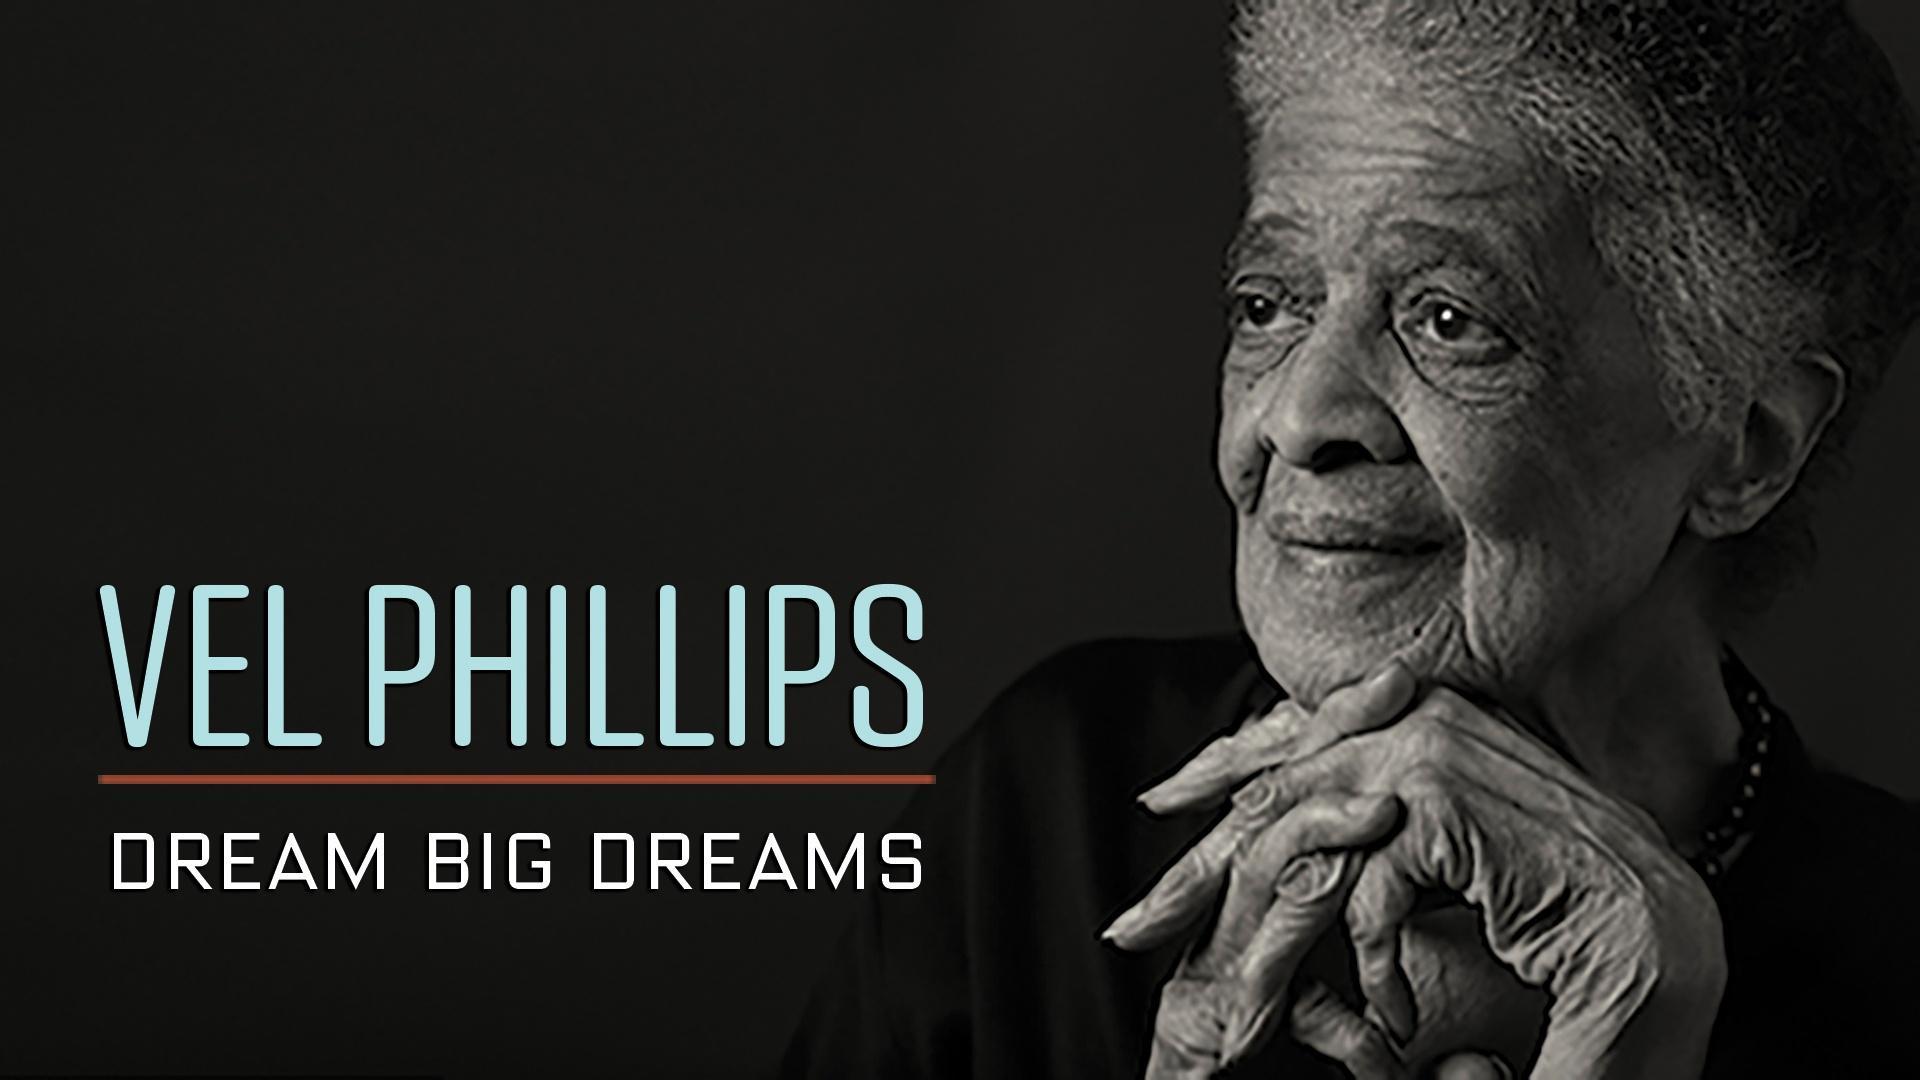 Vel Phillips portrait